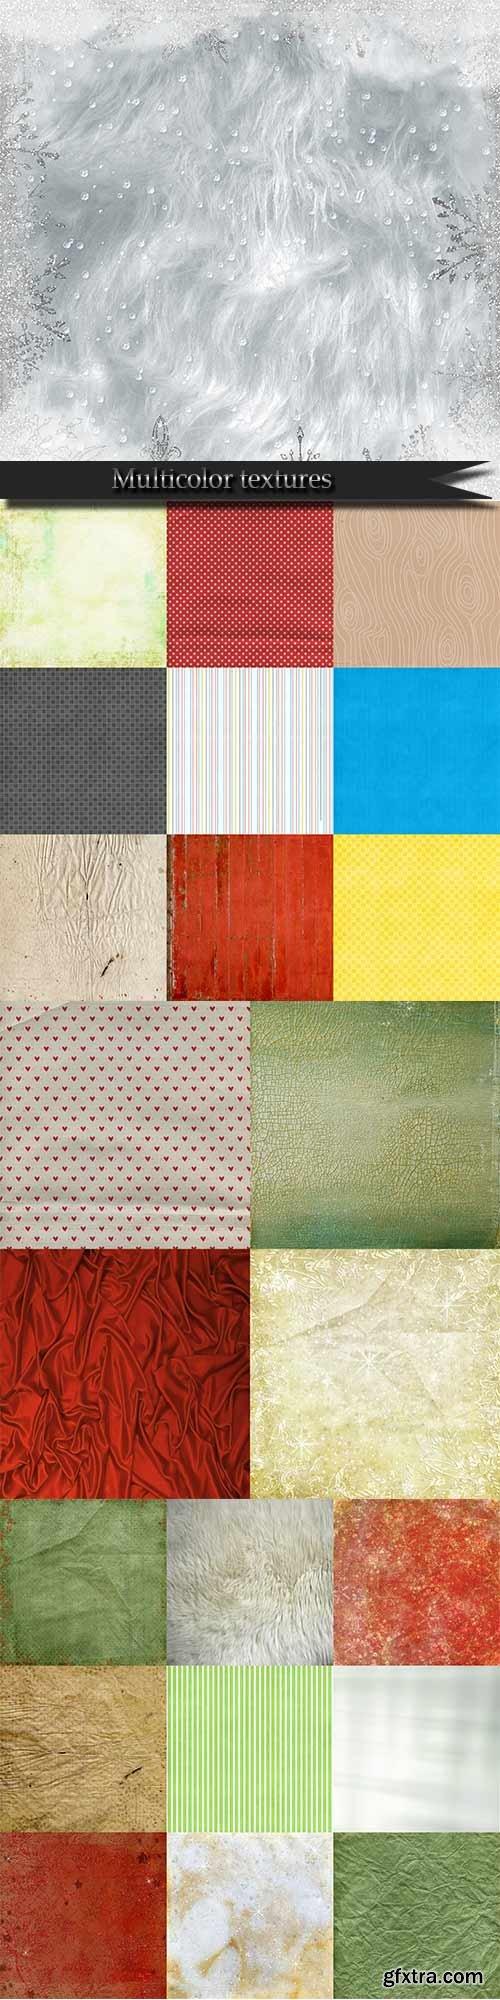 Multicolor textures